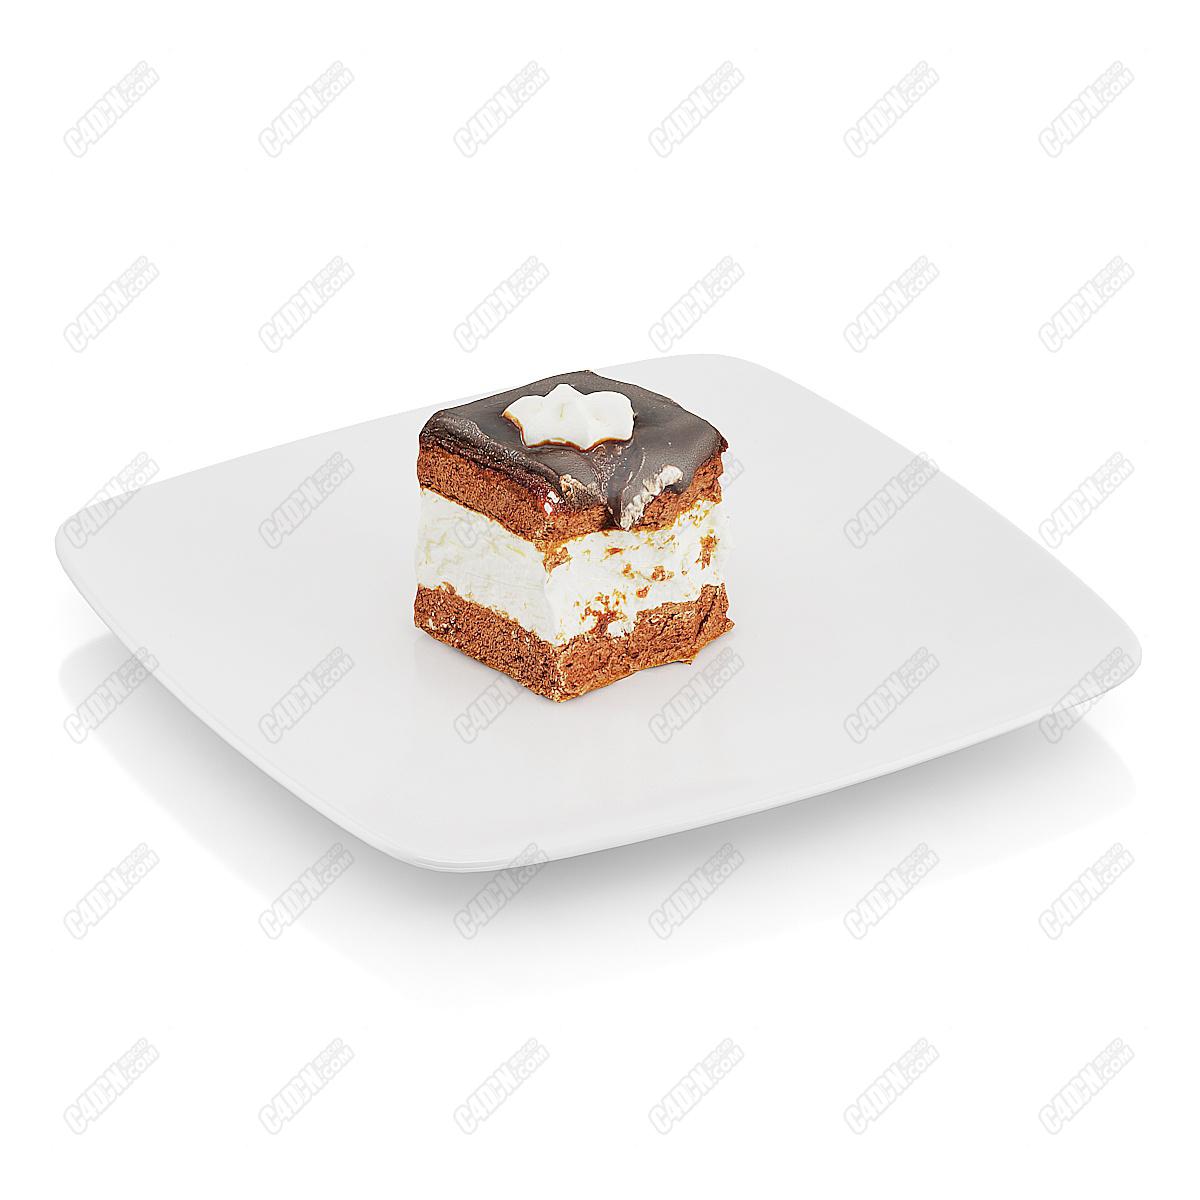 C4D模型-好看又好吃的精美蛋糕房甜品小零食(包含材质和贴图)